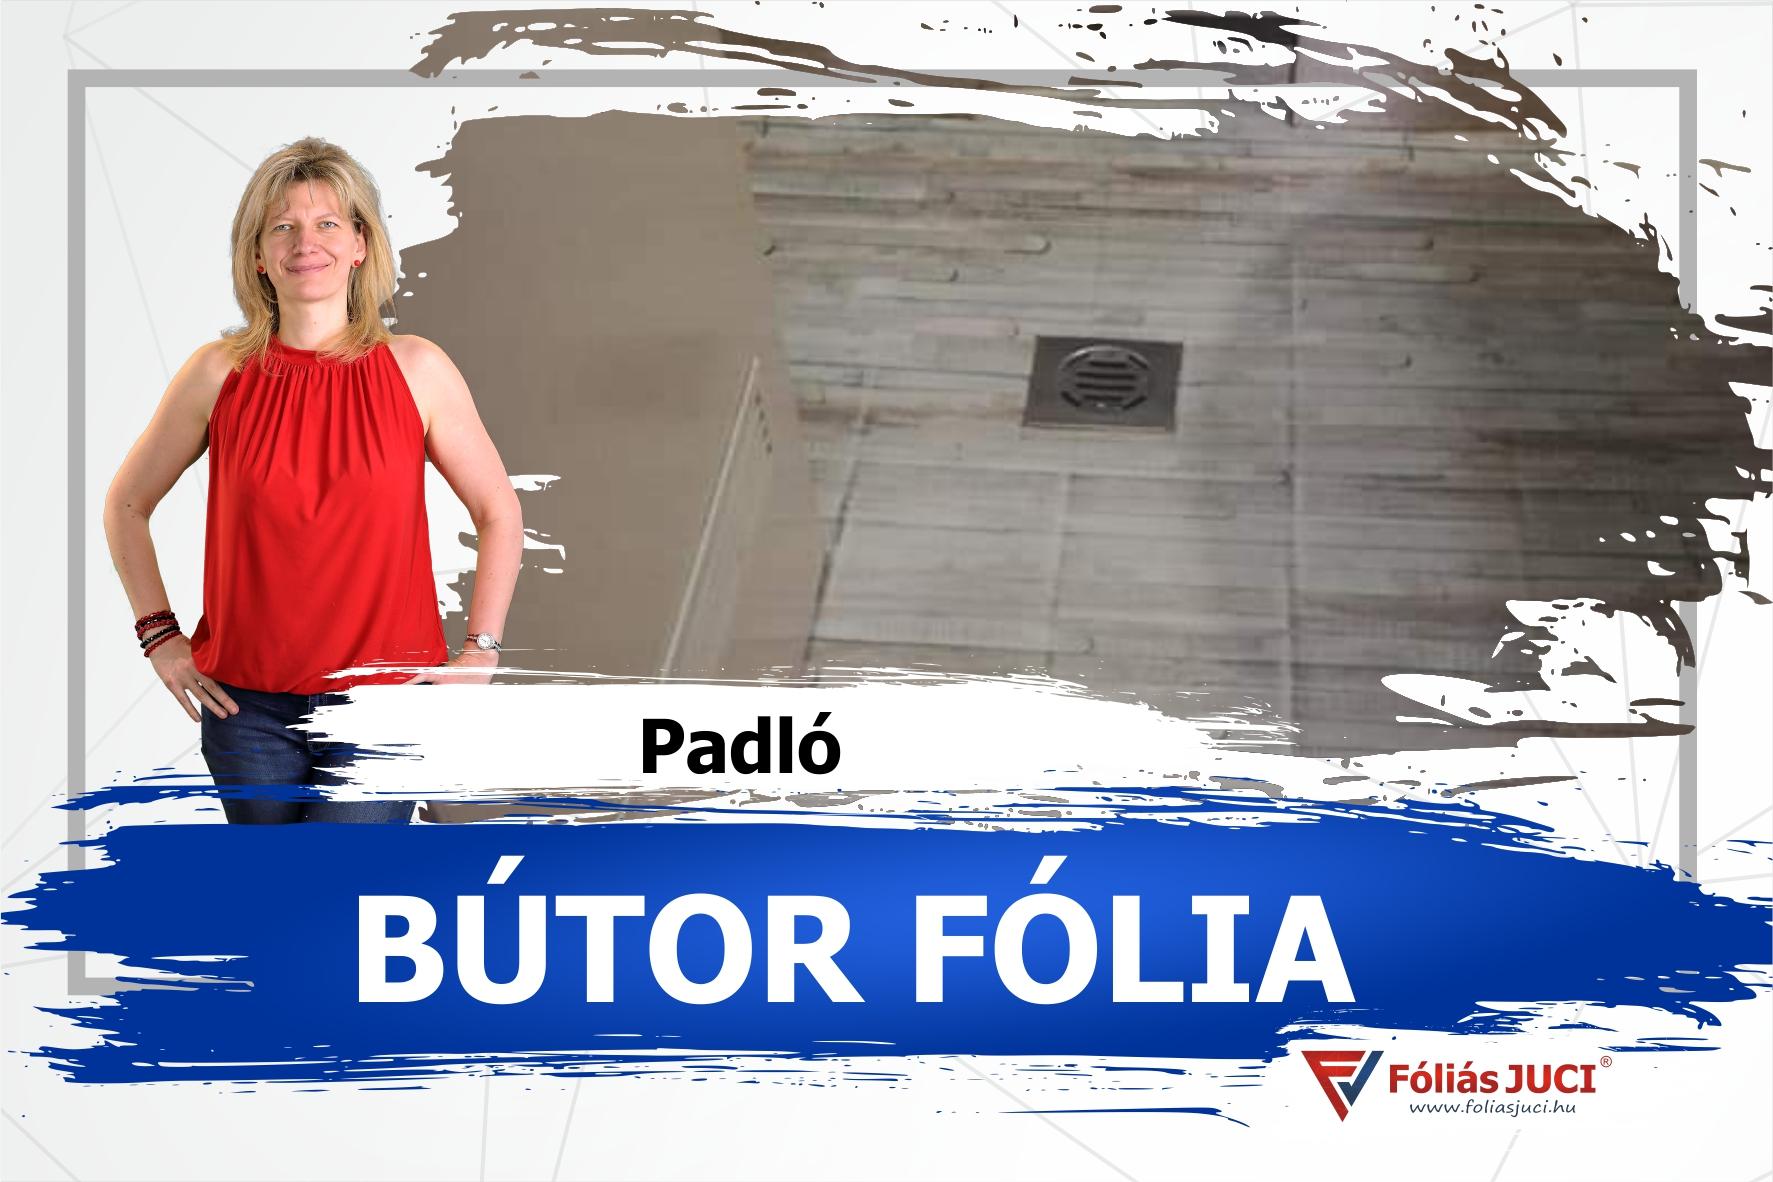 ÖNTAPADÓS FÓLIA TAPASZTALATOK - PADLÓ